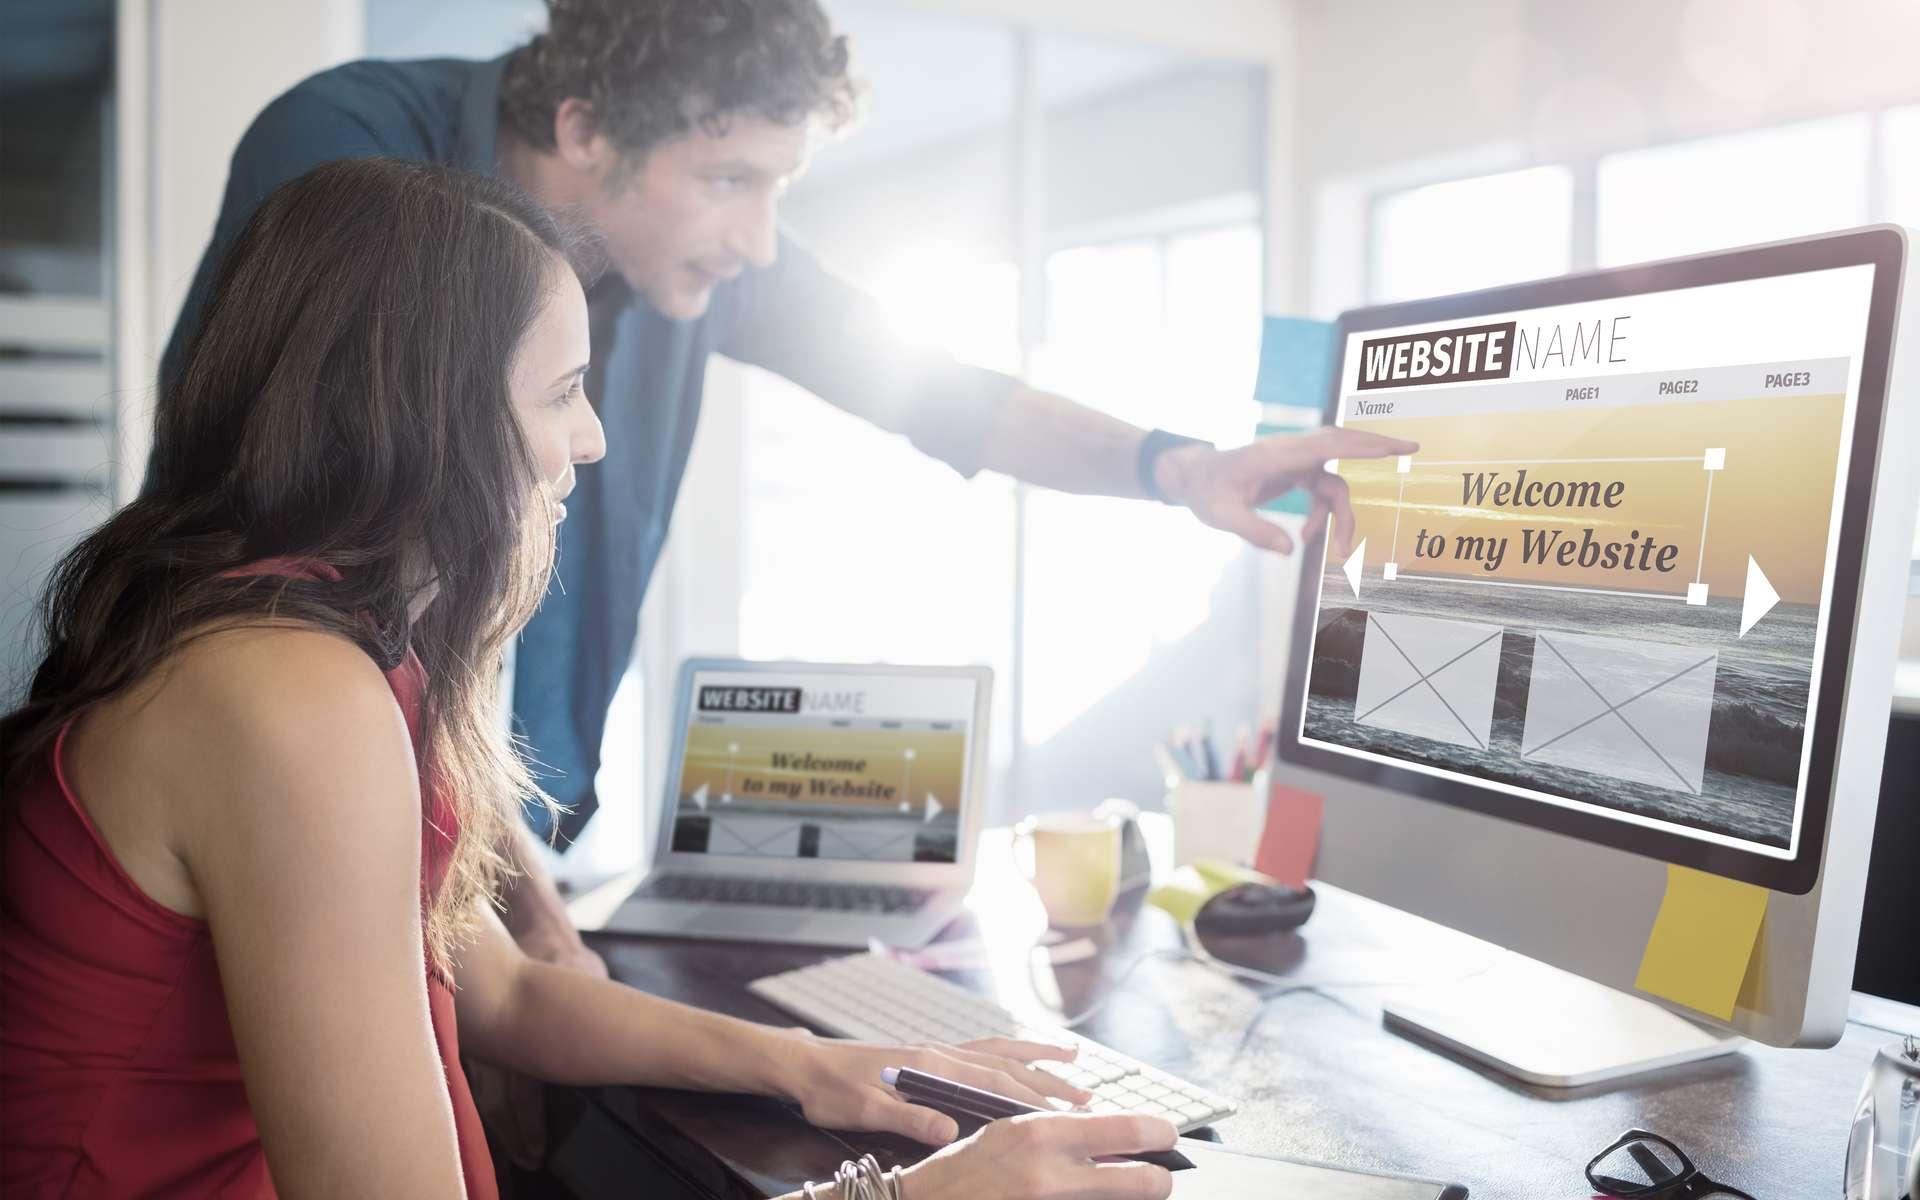 Comment choisir un hébergement Web face aux offres multiples. © Vectorfusionart, Adobe Stock